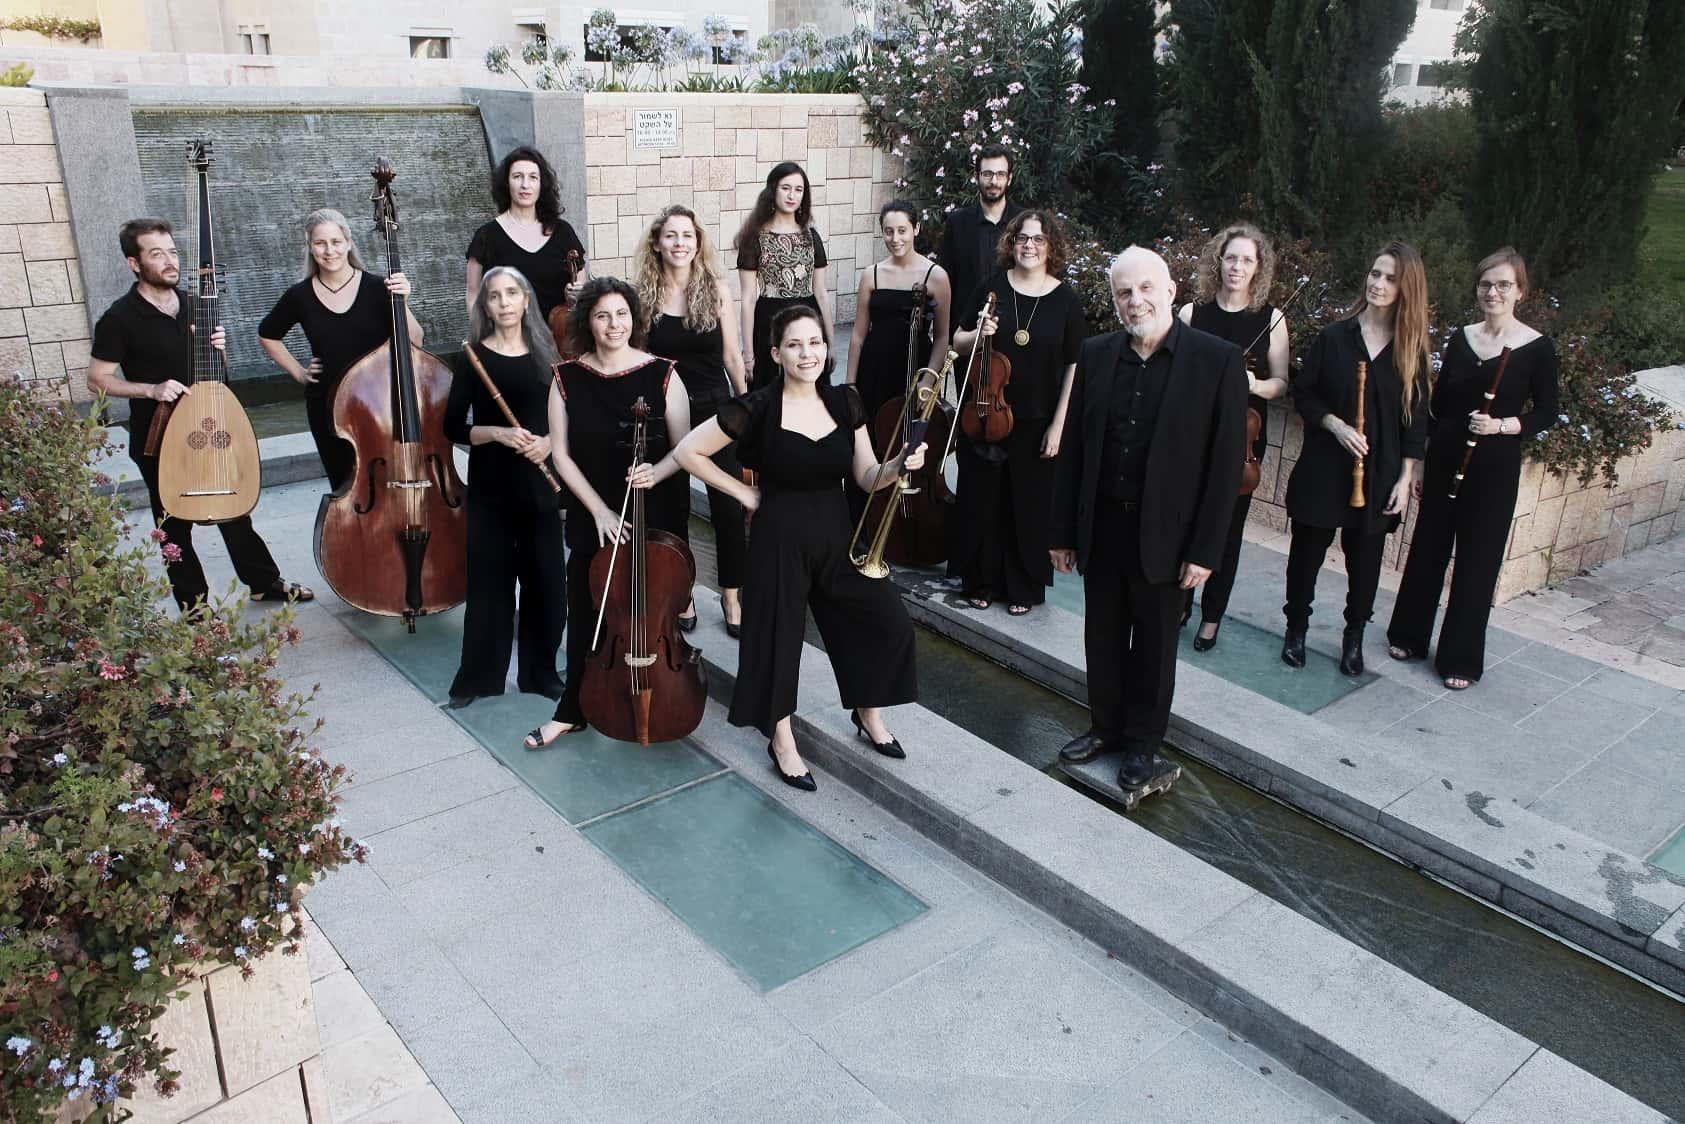 תזמורת הבארוק ירושלים צילום rustam baeramov